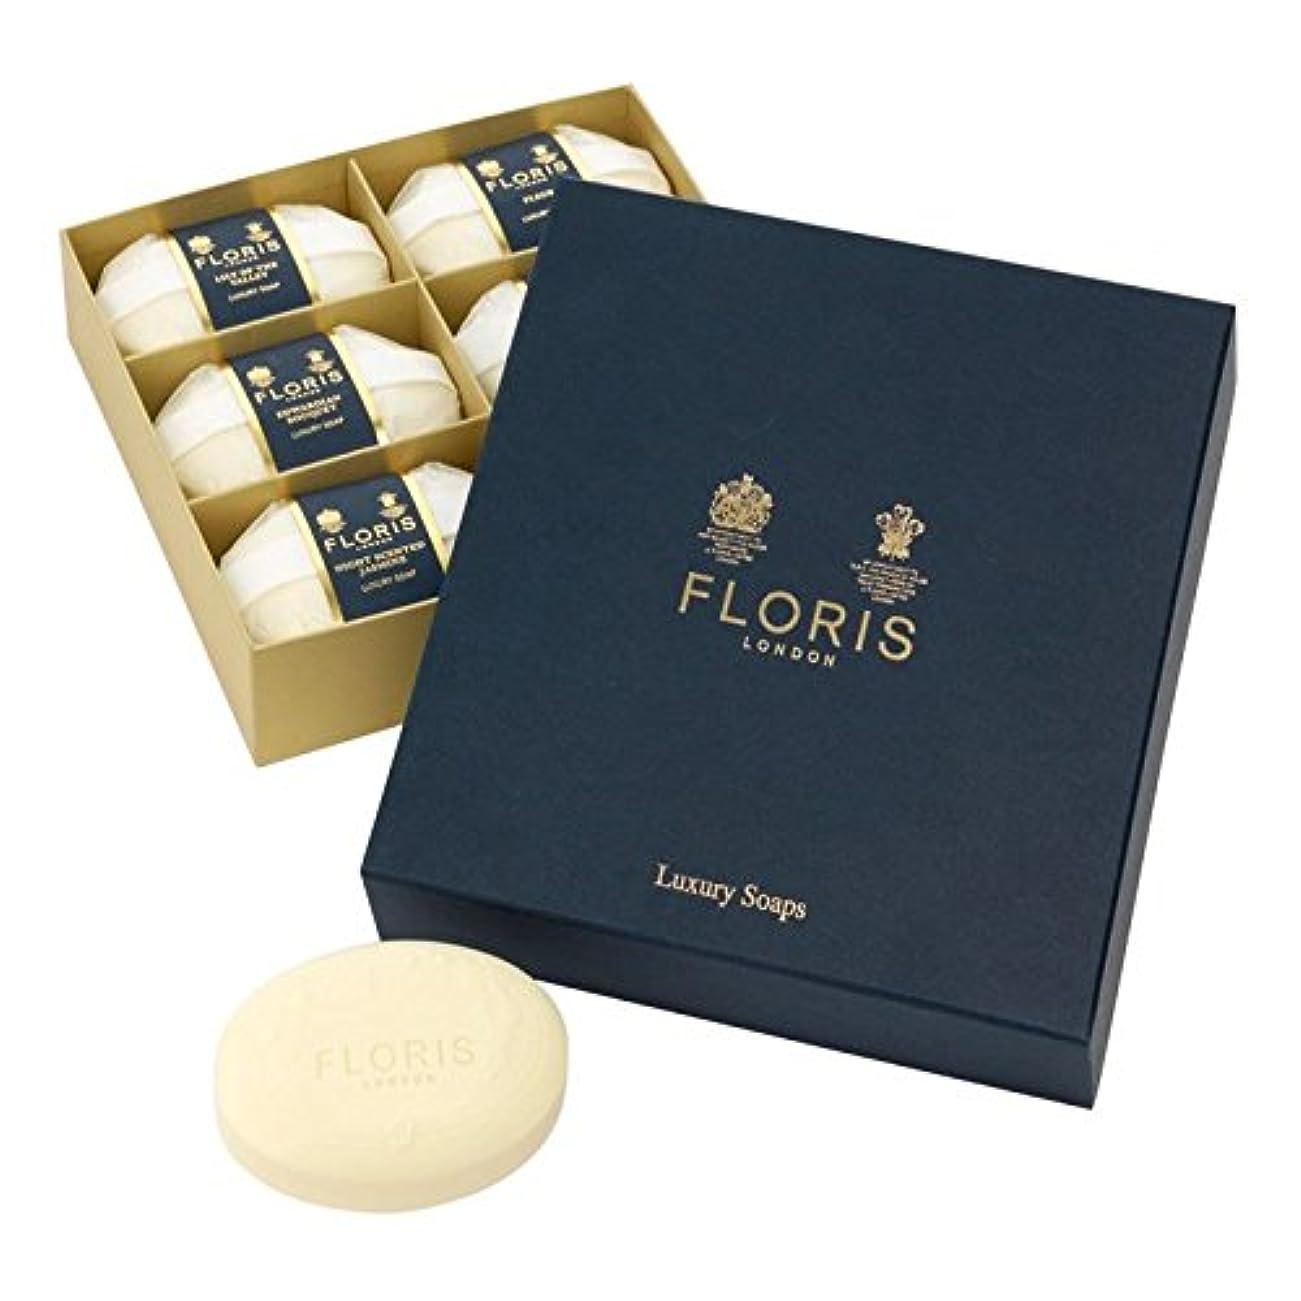 道路を作るプロセスコモランマコモランマ[Floris ] フロリス高級ソープコレクション6×100グラム - Floris Luxury Soap Collection 6 x 100g [並行輸入品]